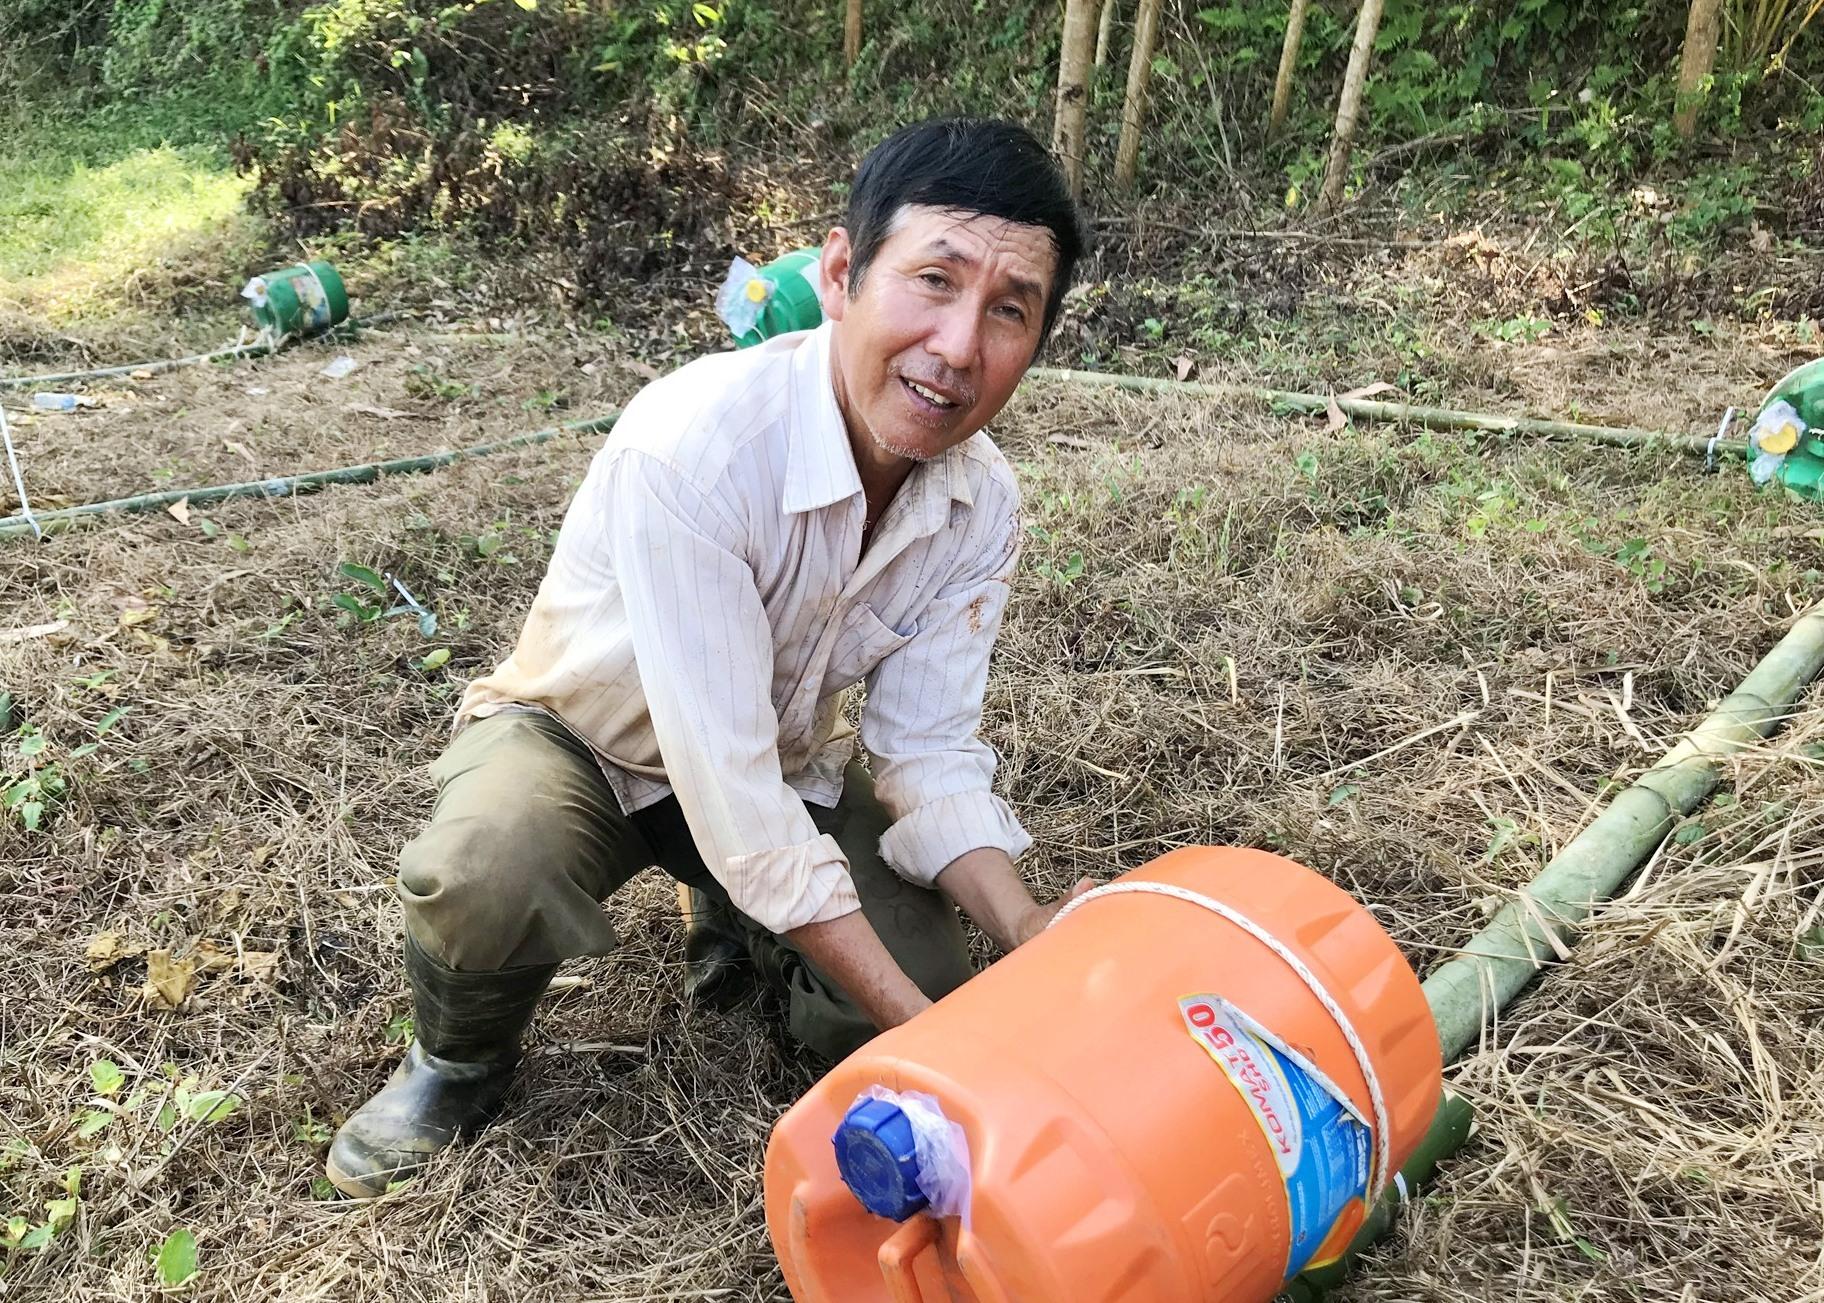 Ông Khôi thử sức với mô hình nuôi trai lấy ngọc trong nước ngọt. Ảnh: L.N